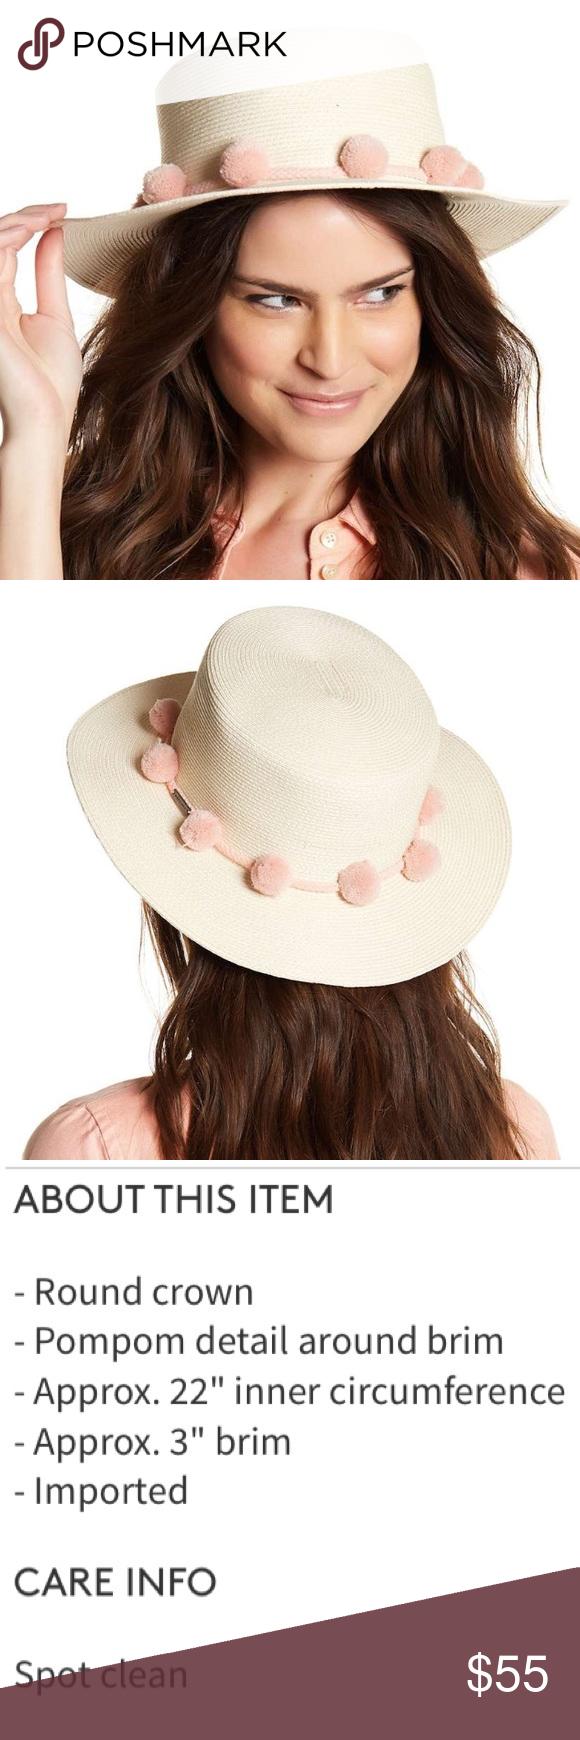 f8fa9b45ca4c54 bcbg // cream sun hat w/ pale pink pom-pom accents NWT BCBG round brim  cream sun hat with pale pink pom-pom accent around brim. Boho and on-trend.